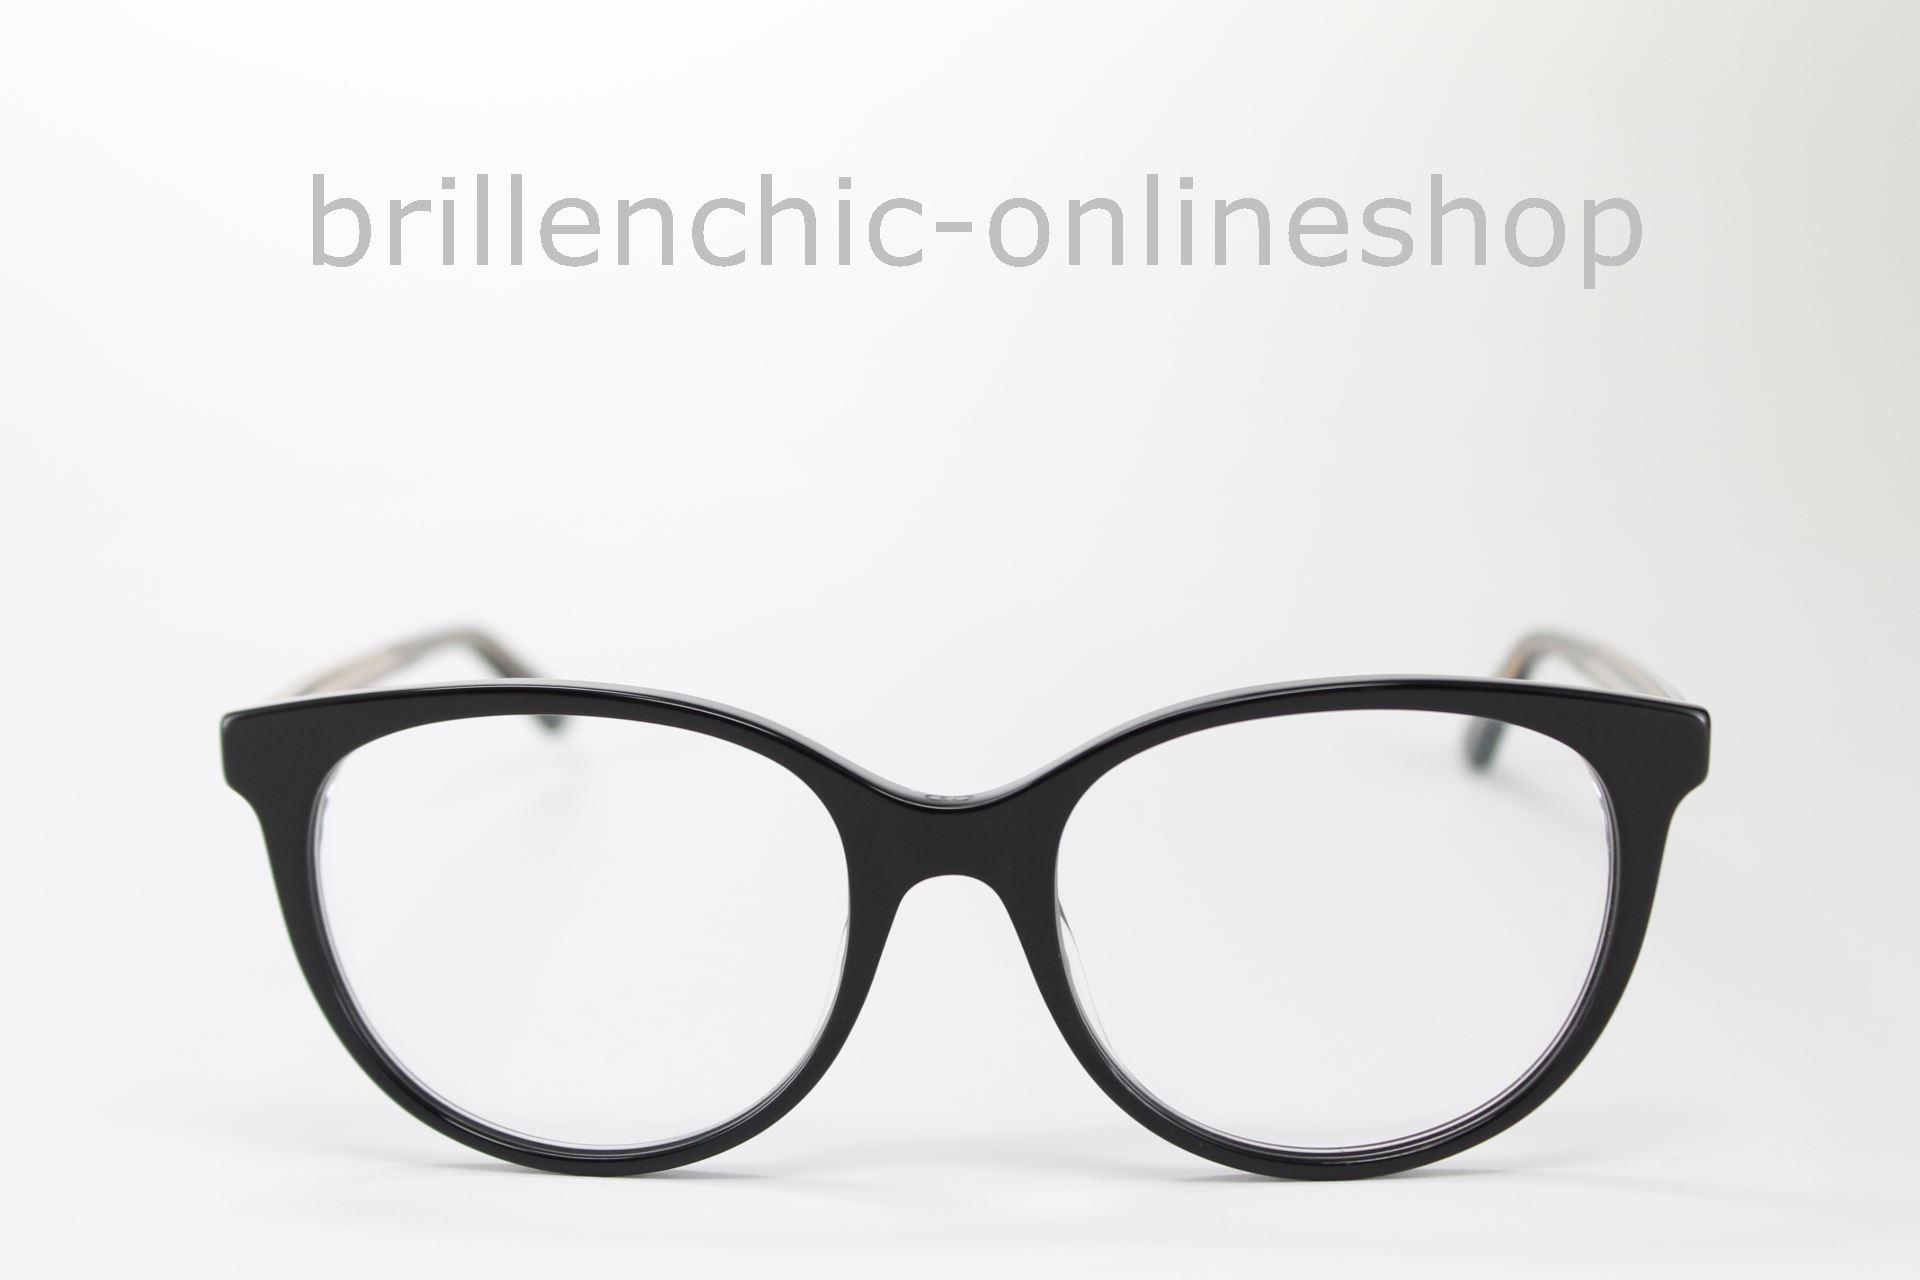 3654649235 Brillenchic - onlineshop Berlin Ihr starker Partner für exklusive ...